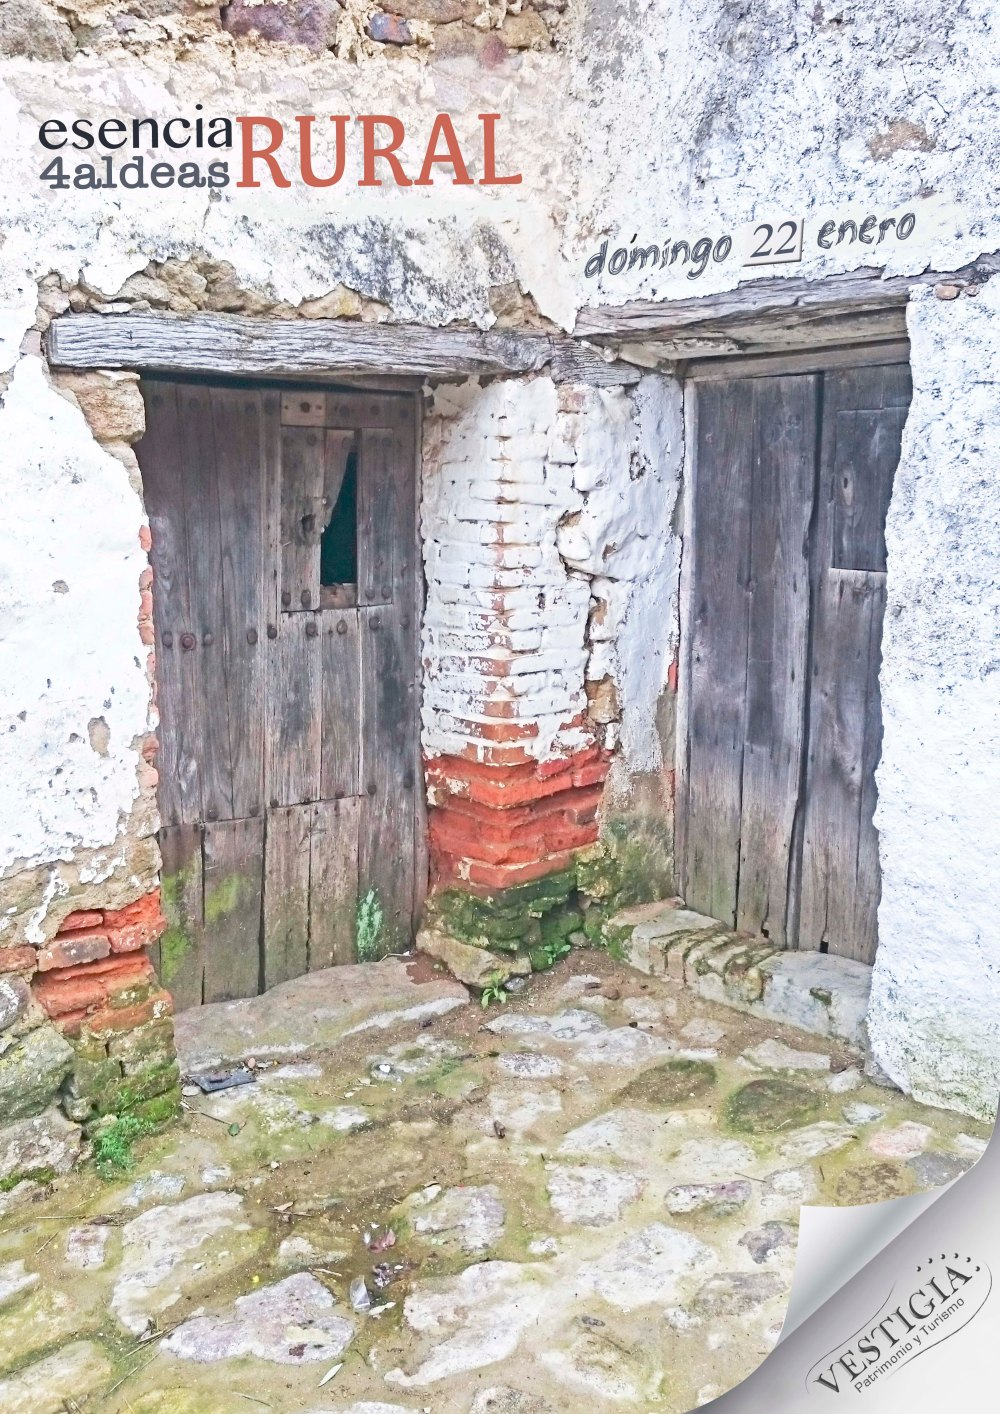 cartel-esencia-rural-22-enero-br